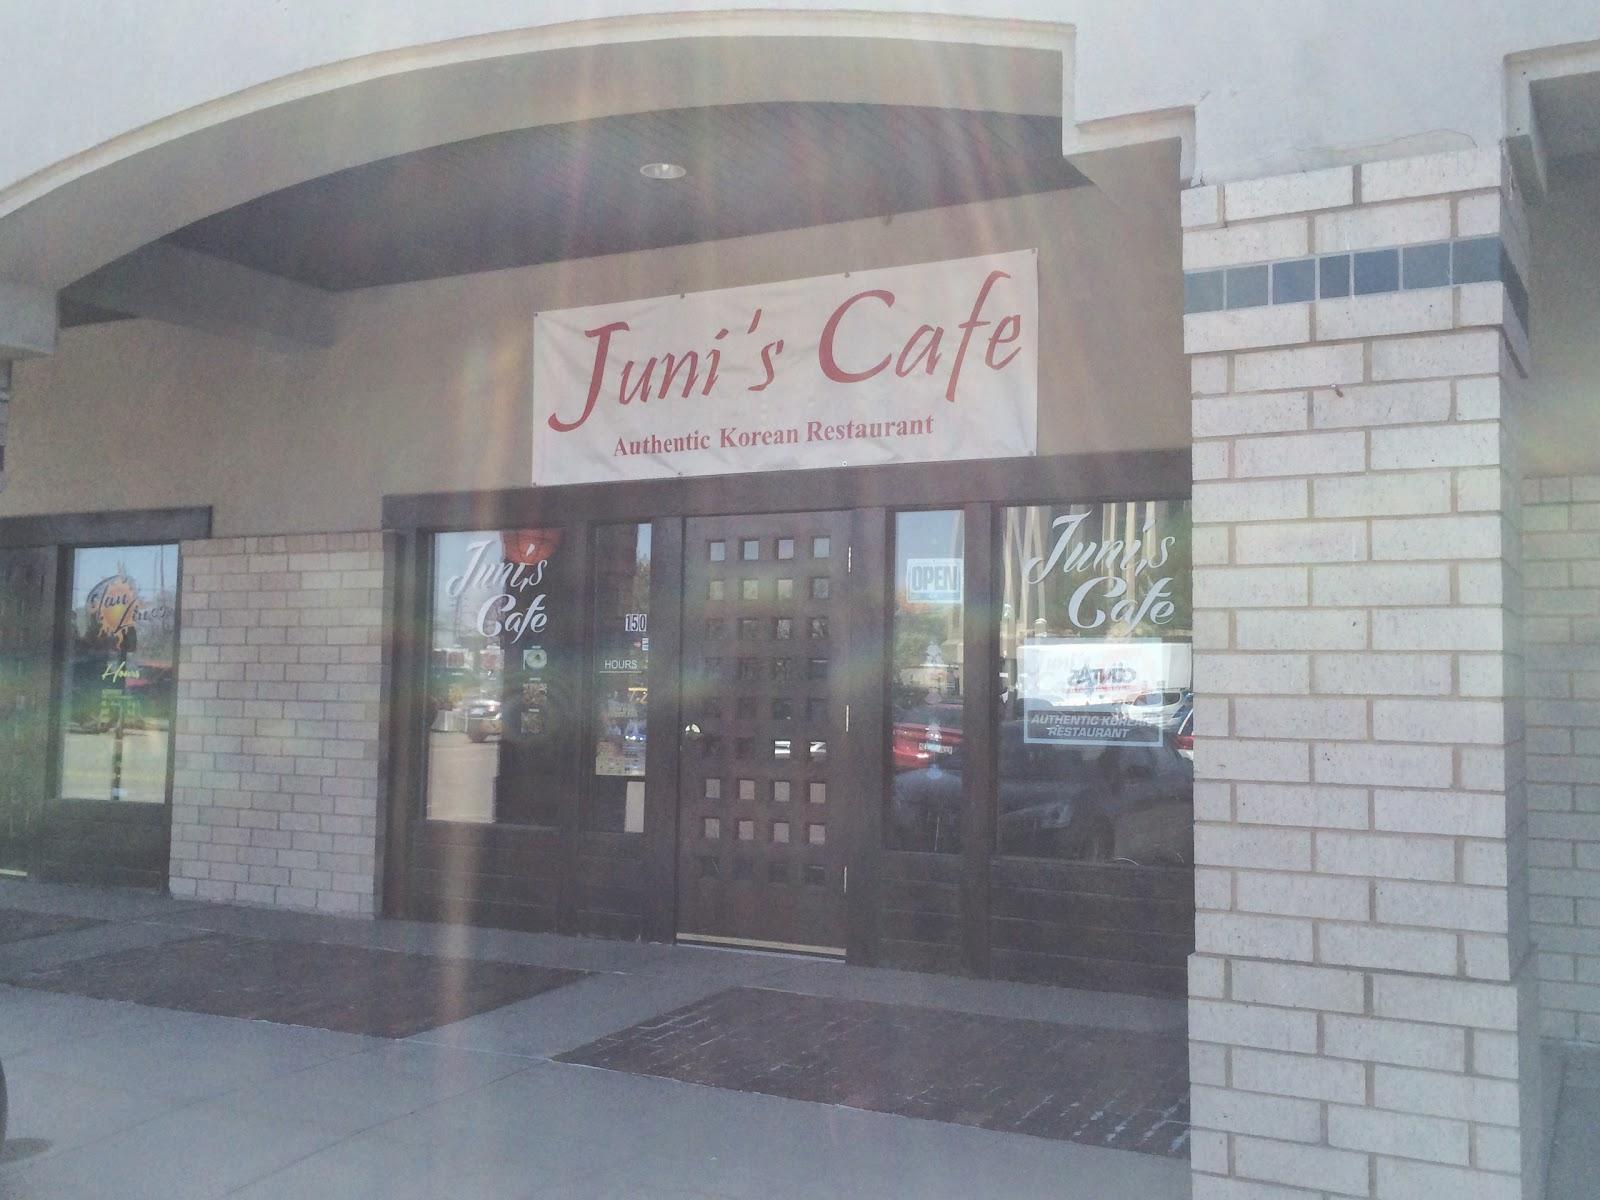 Juni's Cafe